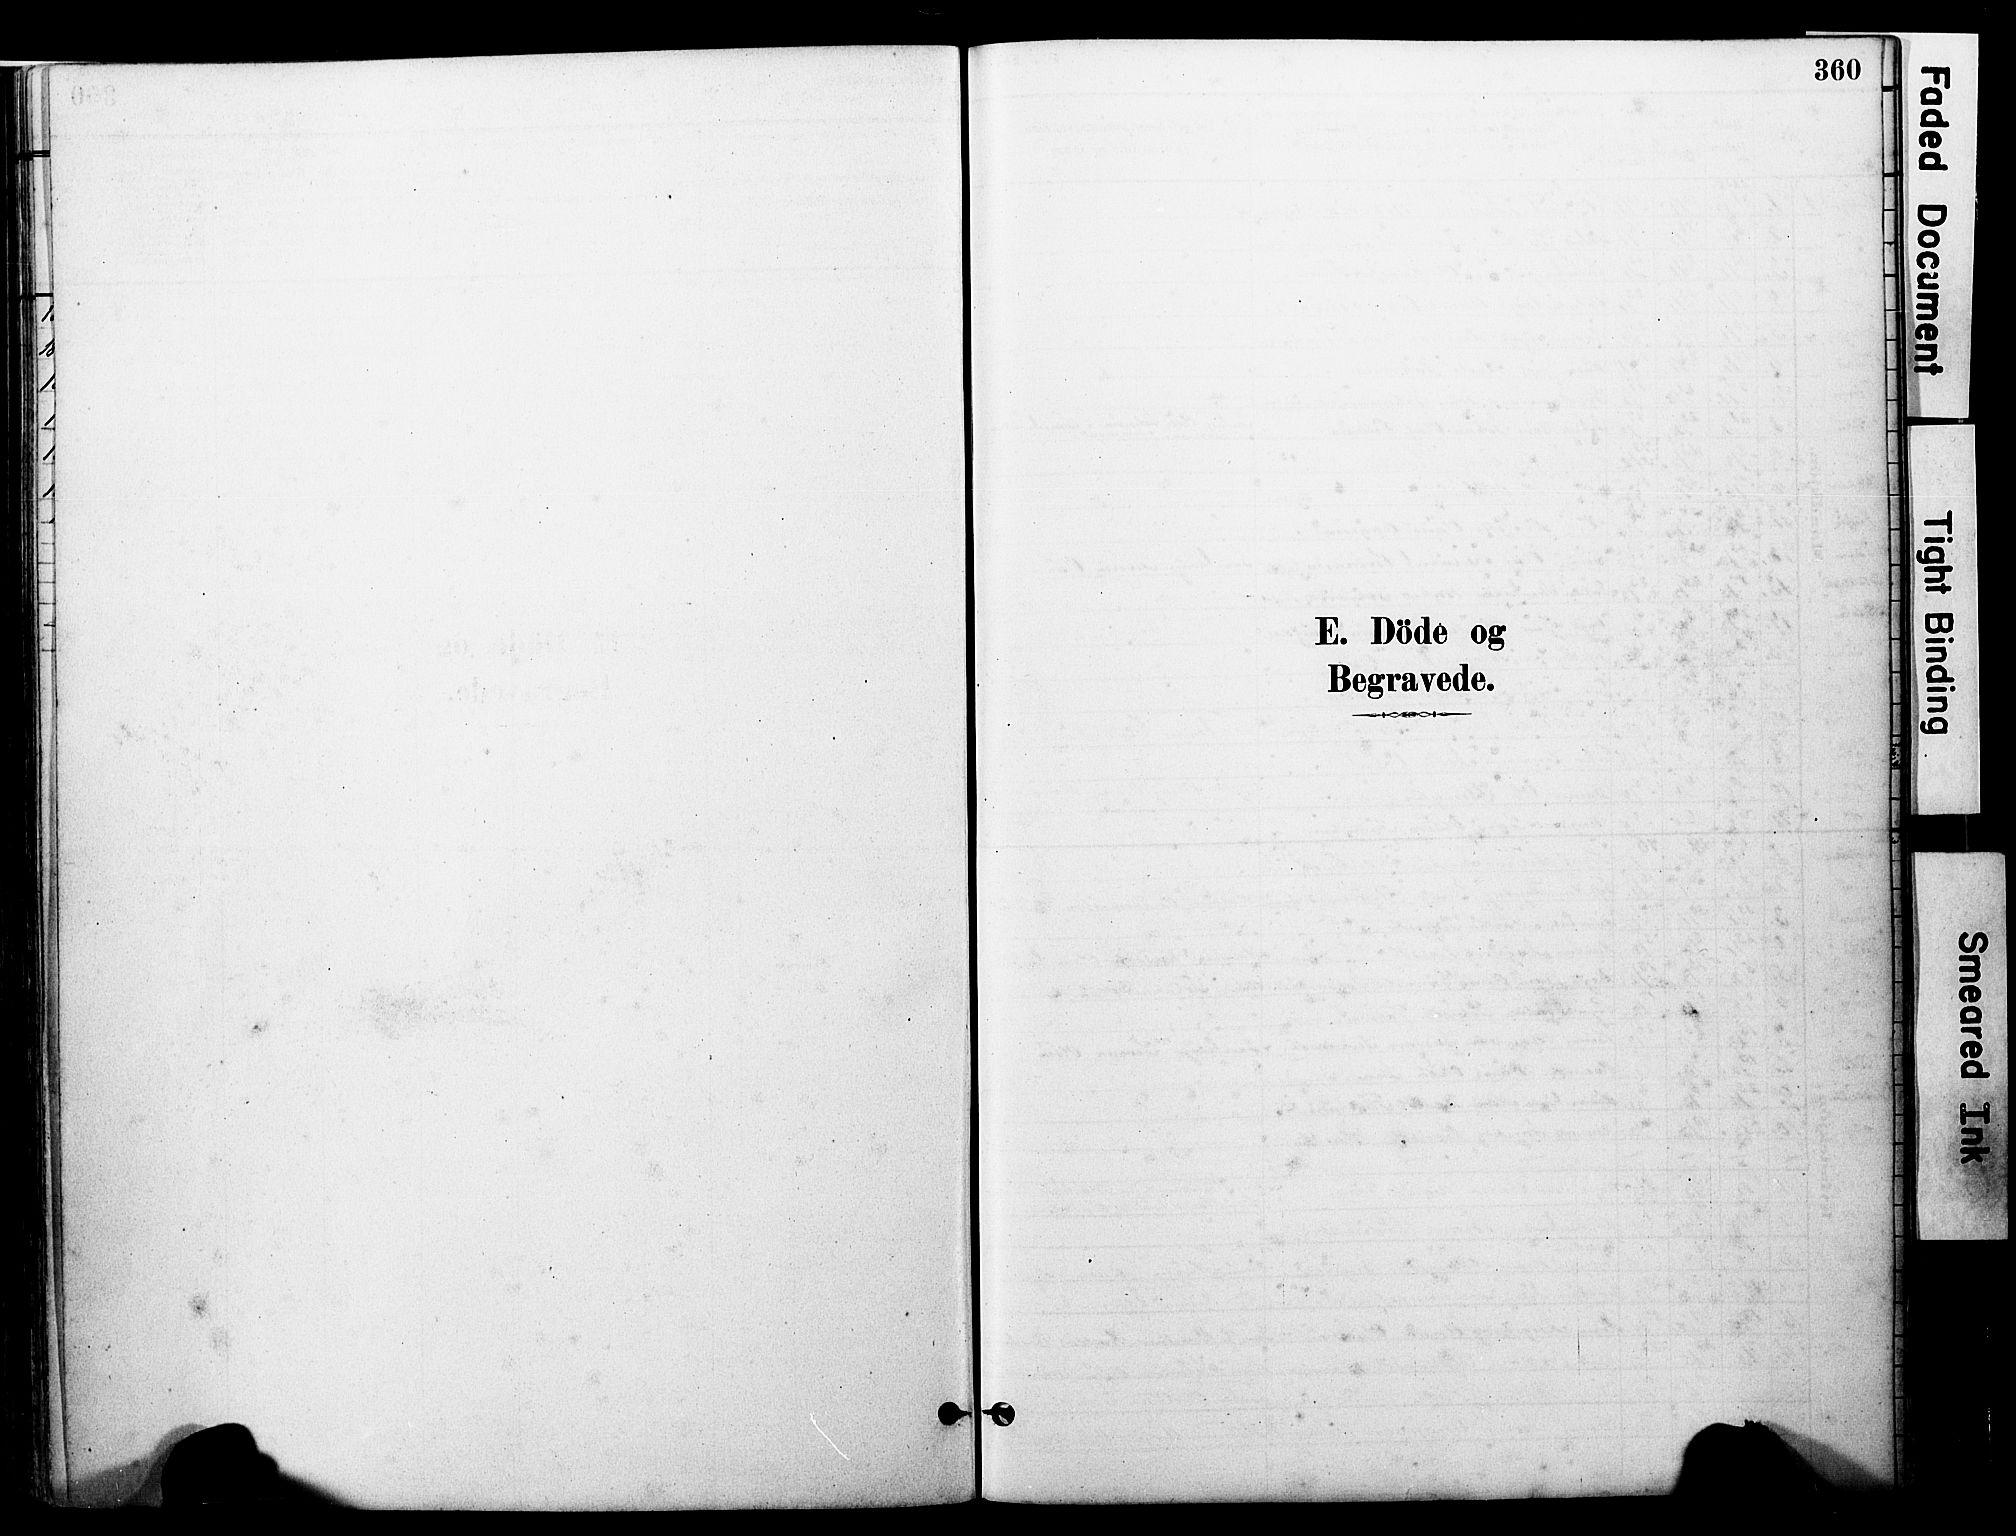 SAT, Ministerialprotokoller, klokkerbøker og fødselsregistre - Nord-Trøndelag, 723/L0244: Ministerialbok nr. 723A13, 1881-1899, s. 360